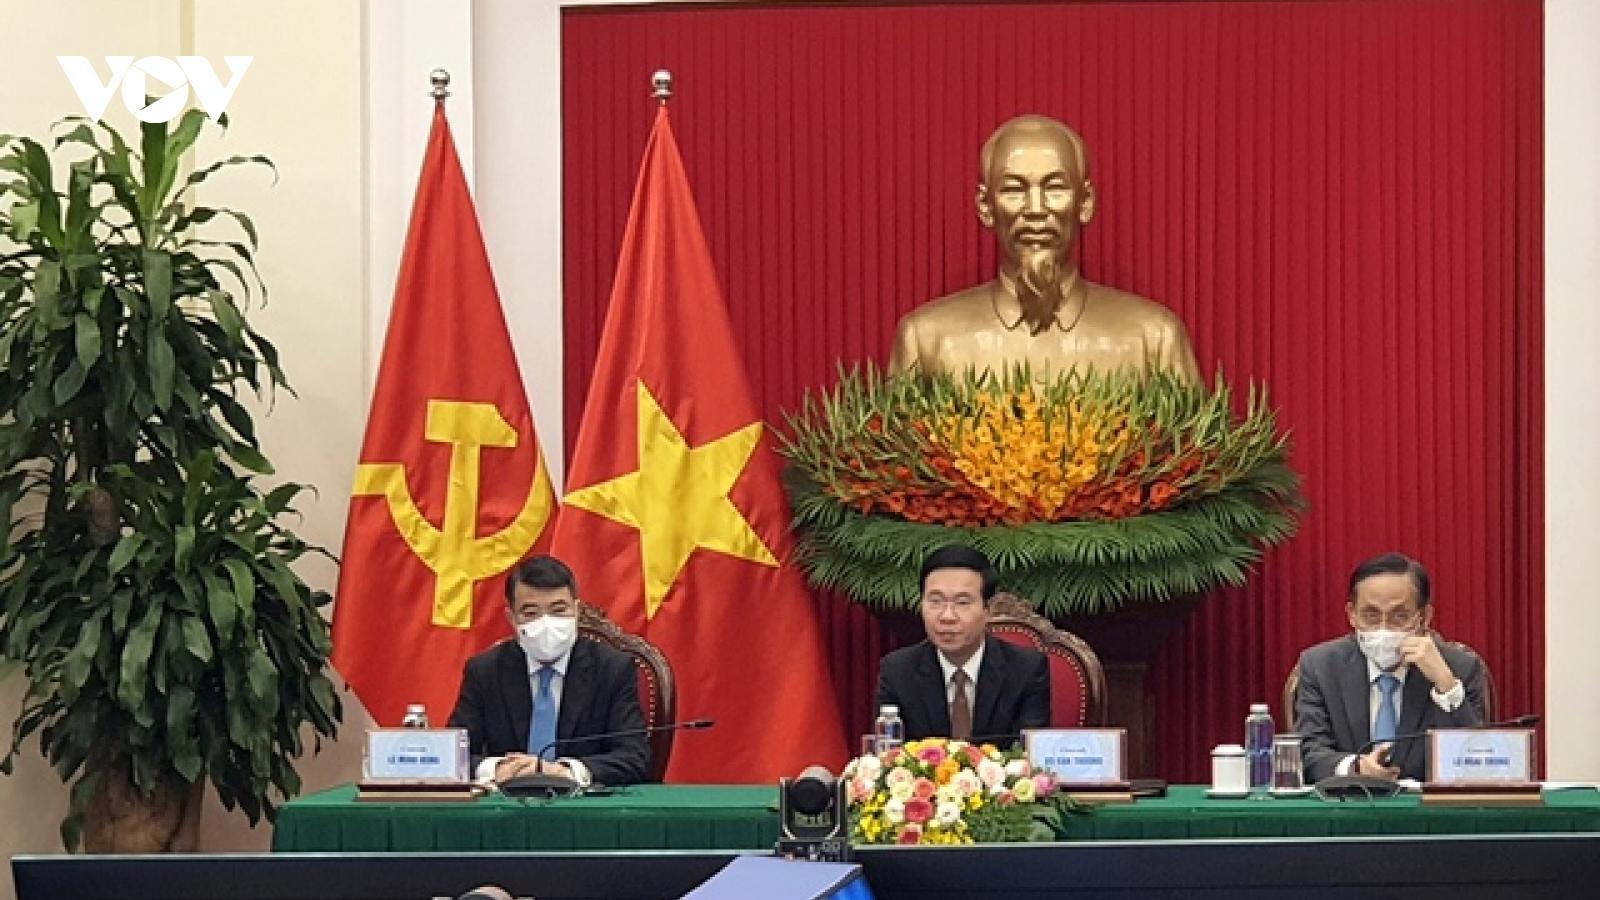 Ông Võ Văn Thưởng dự Hội nghị bàn tròn trực tuyến các chính đảng Nga-ASEAN